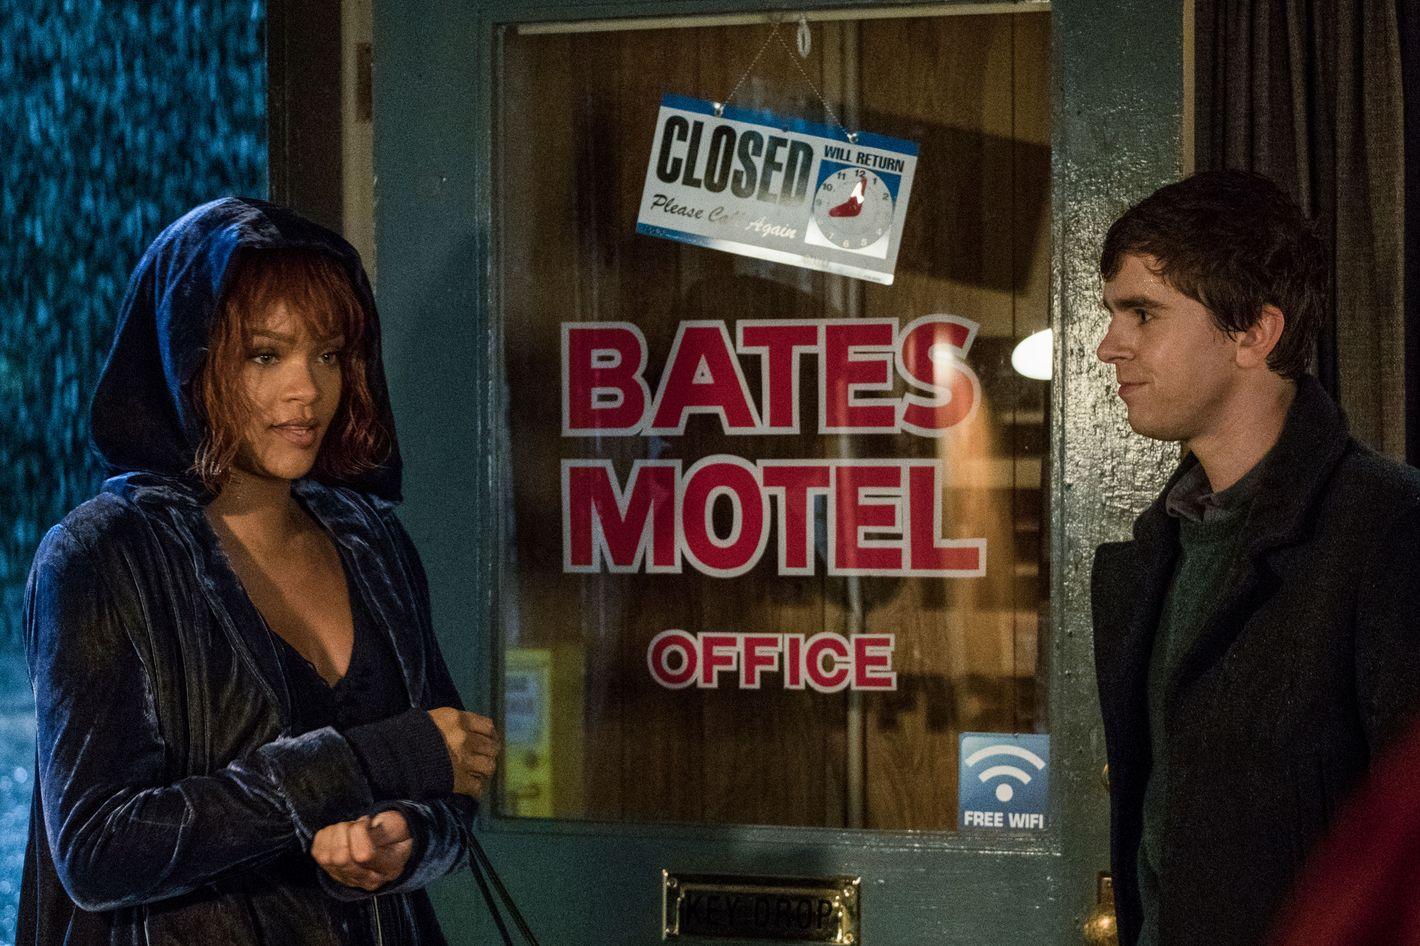 Bates motel season 5 recap